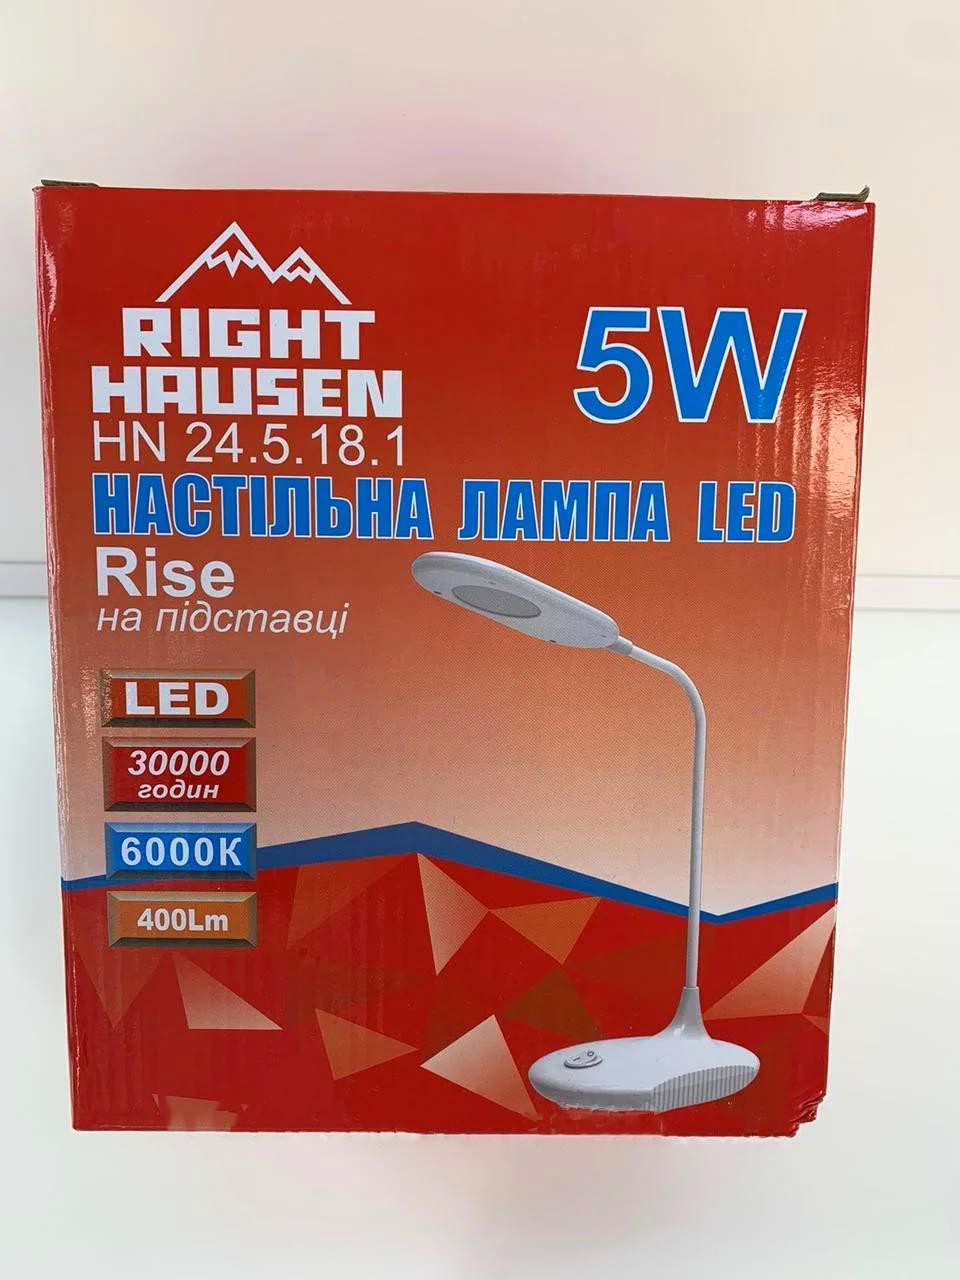 Настольная LED лампа 5W 4000K белая Rise Right Hausen (HN-245181)